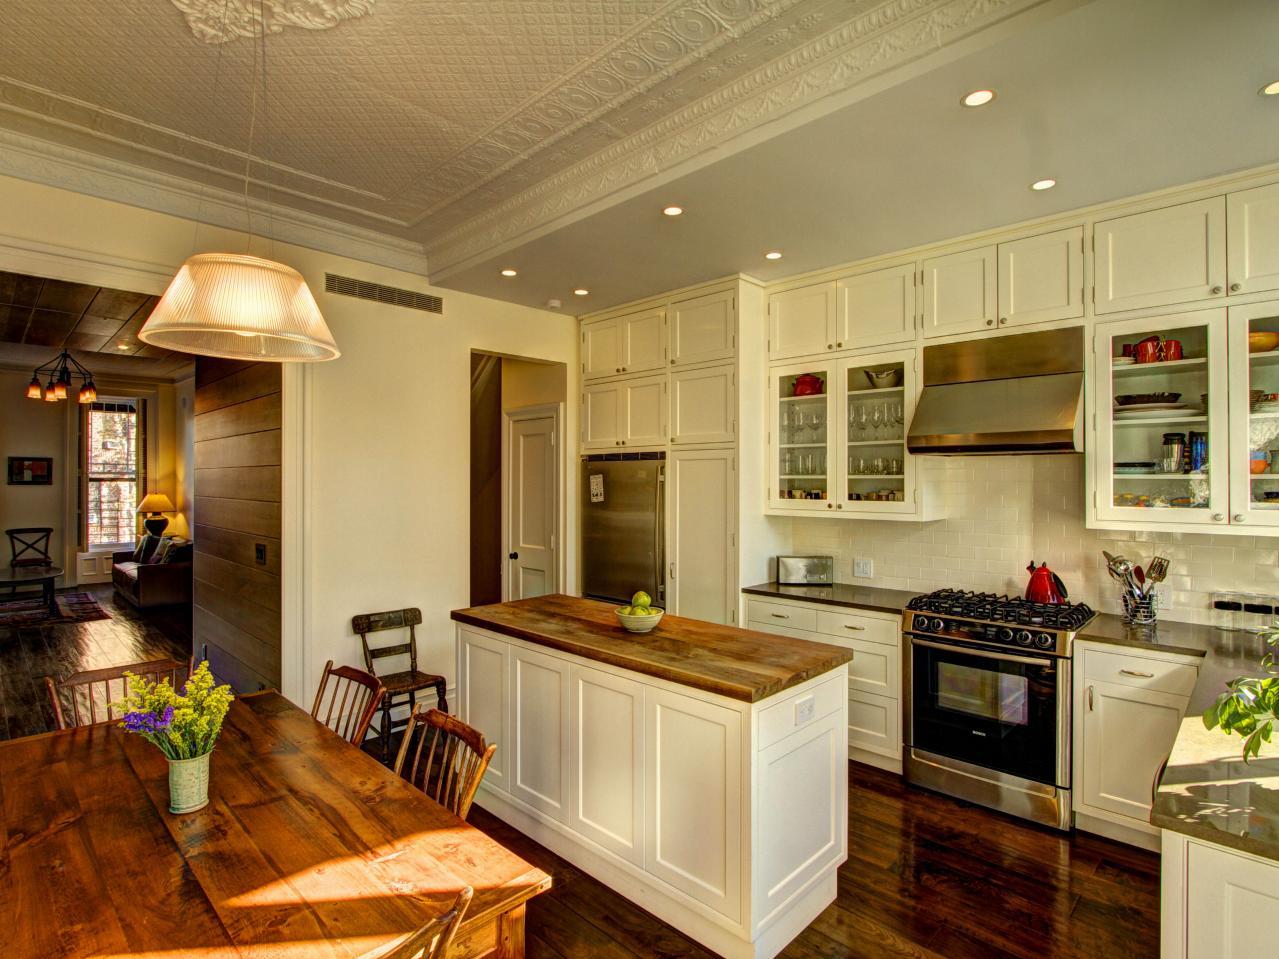 DP_Ben-Herzog-white-traditional-kitchen_h.jpg.rend.hgtvcom.1280.960